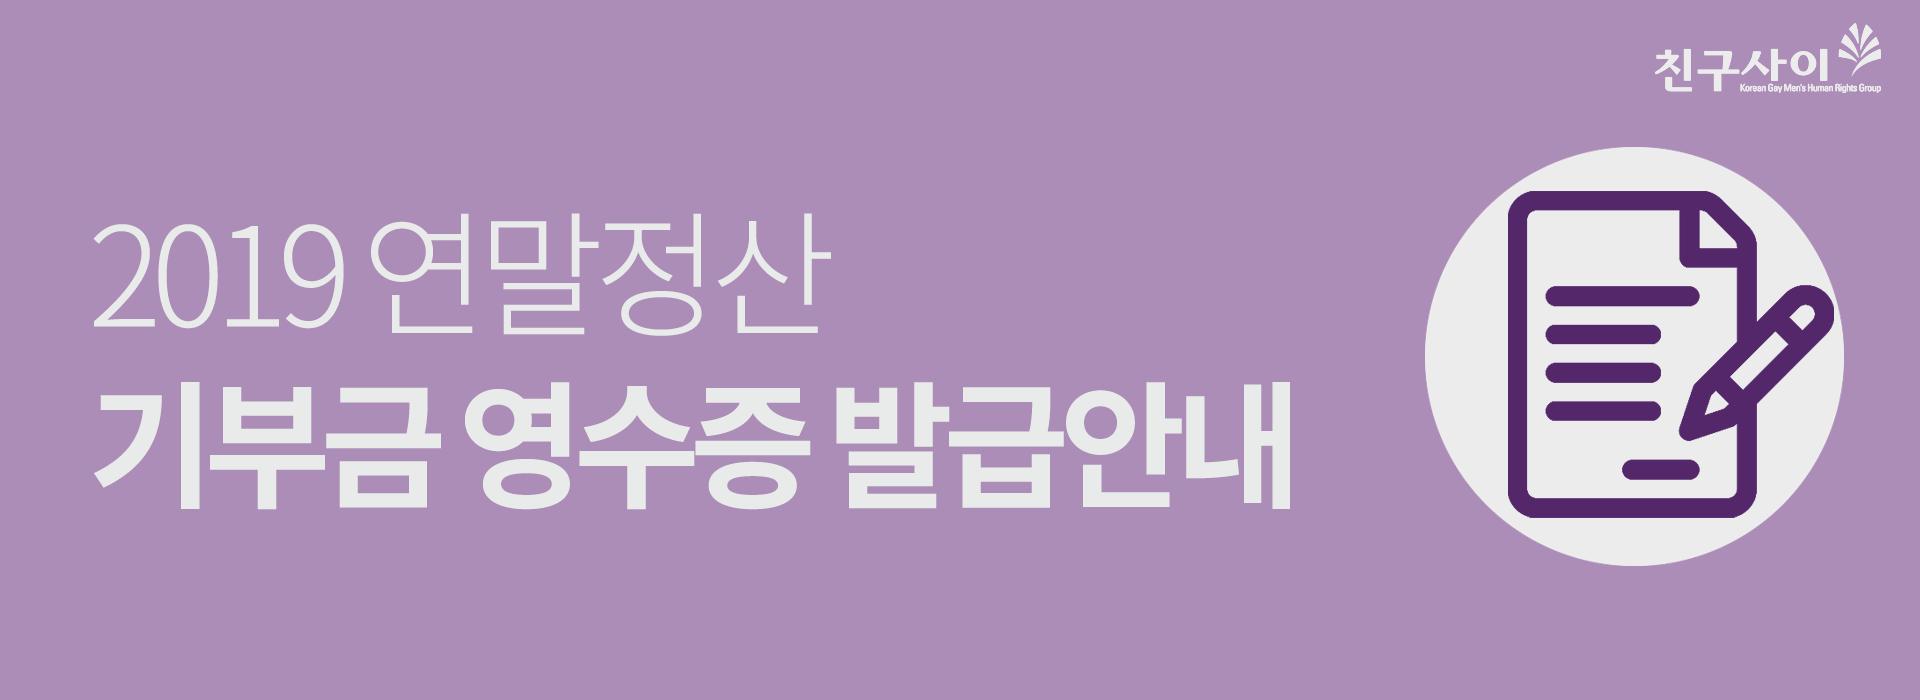 2019 연말정산.png